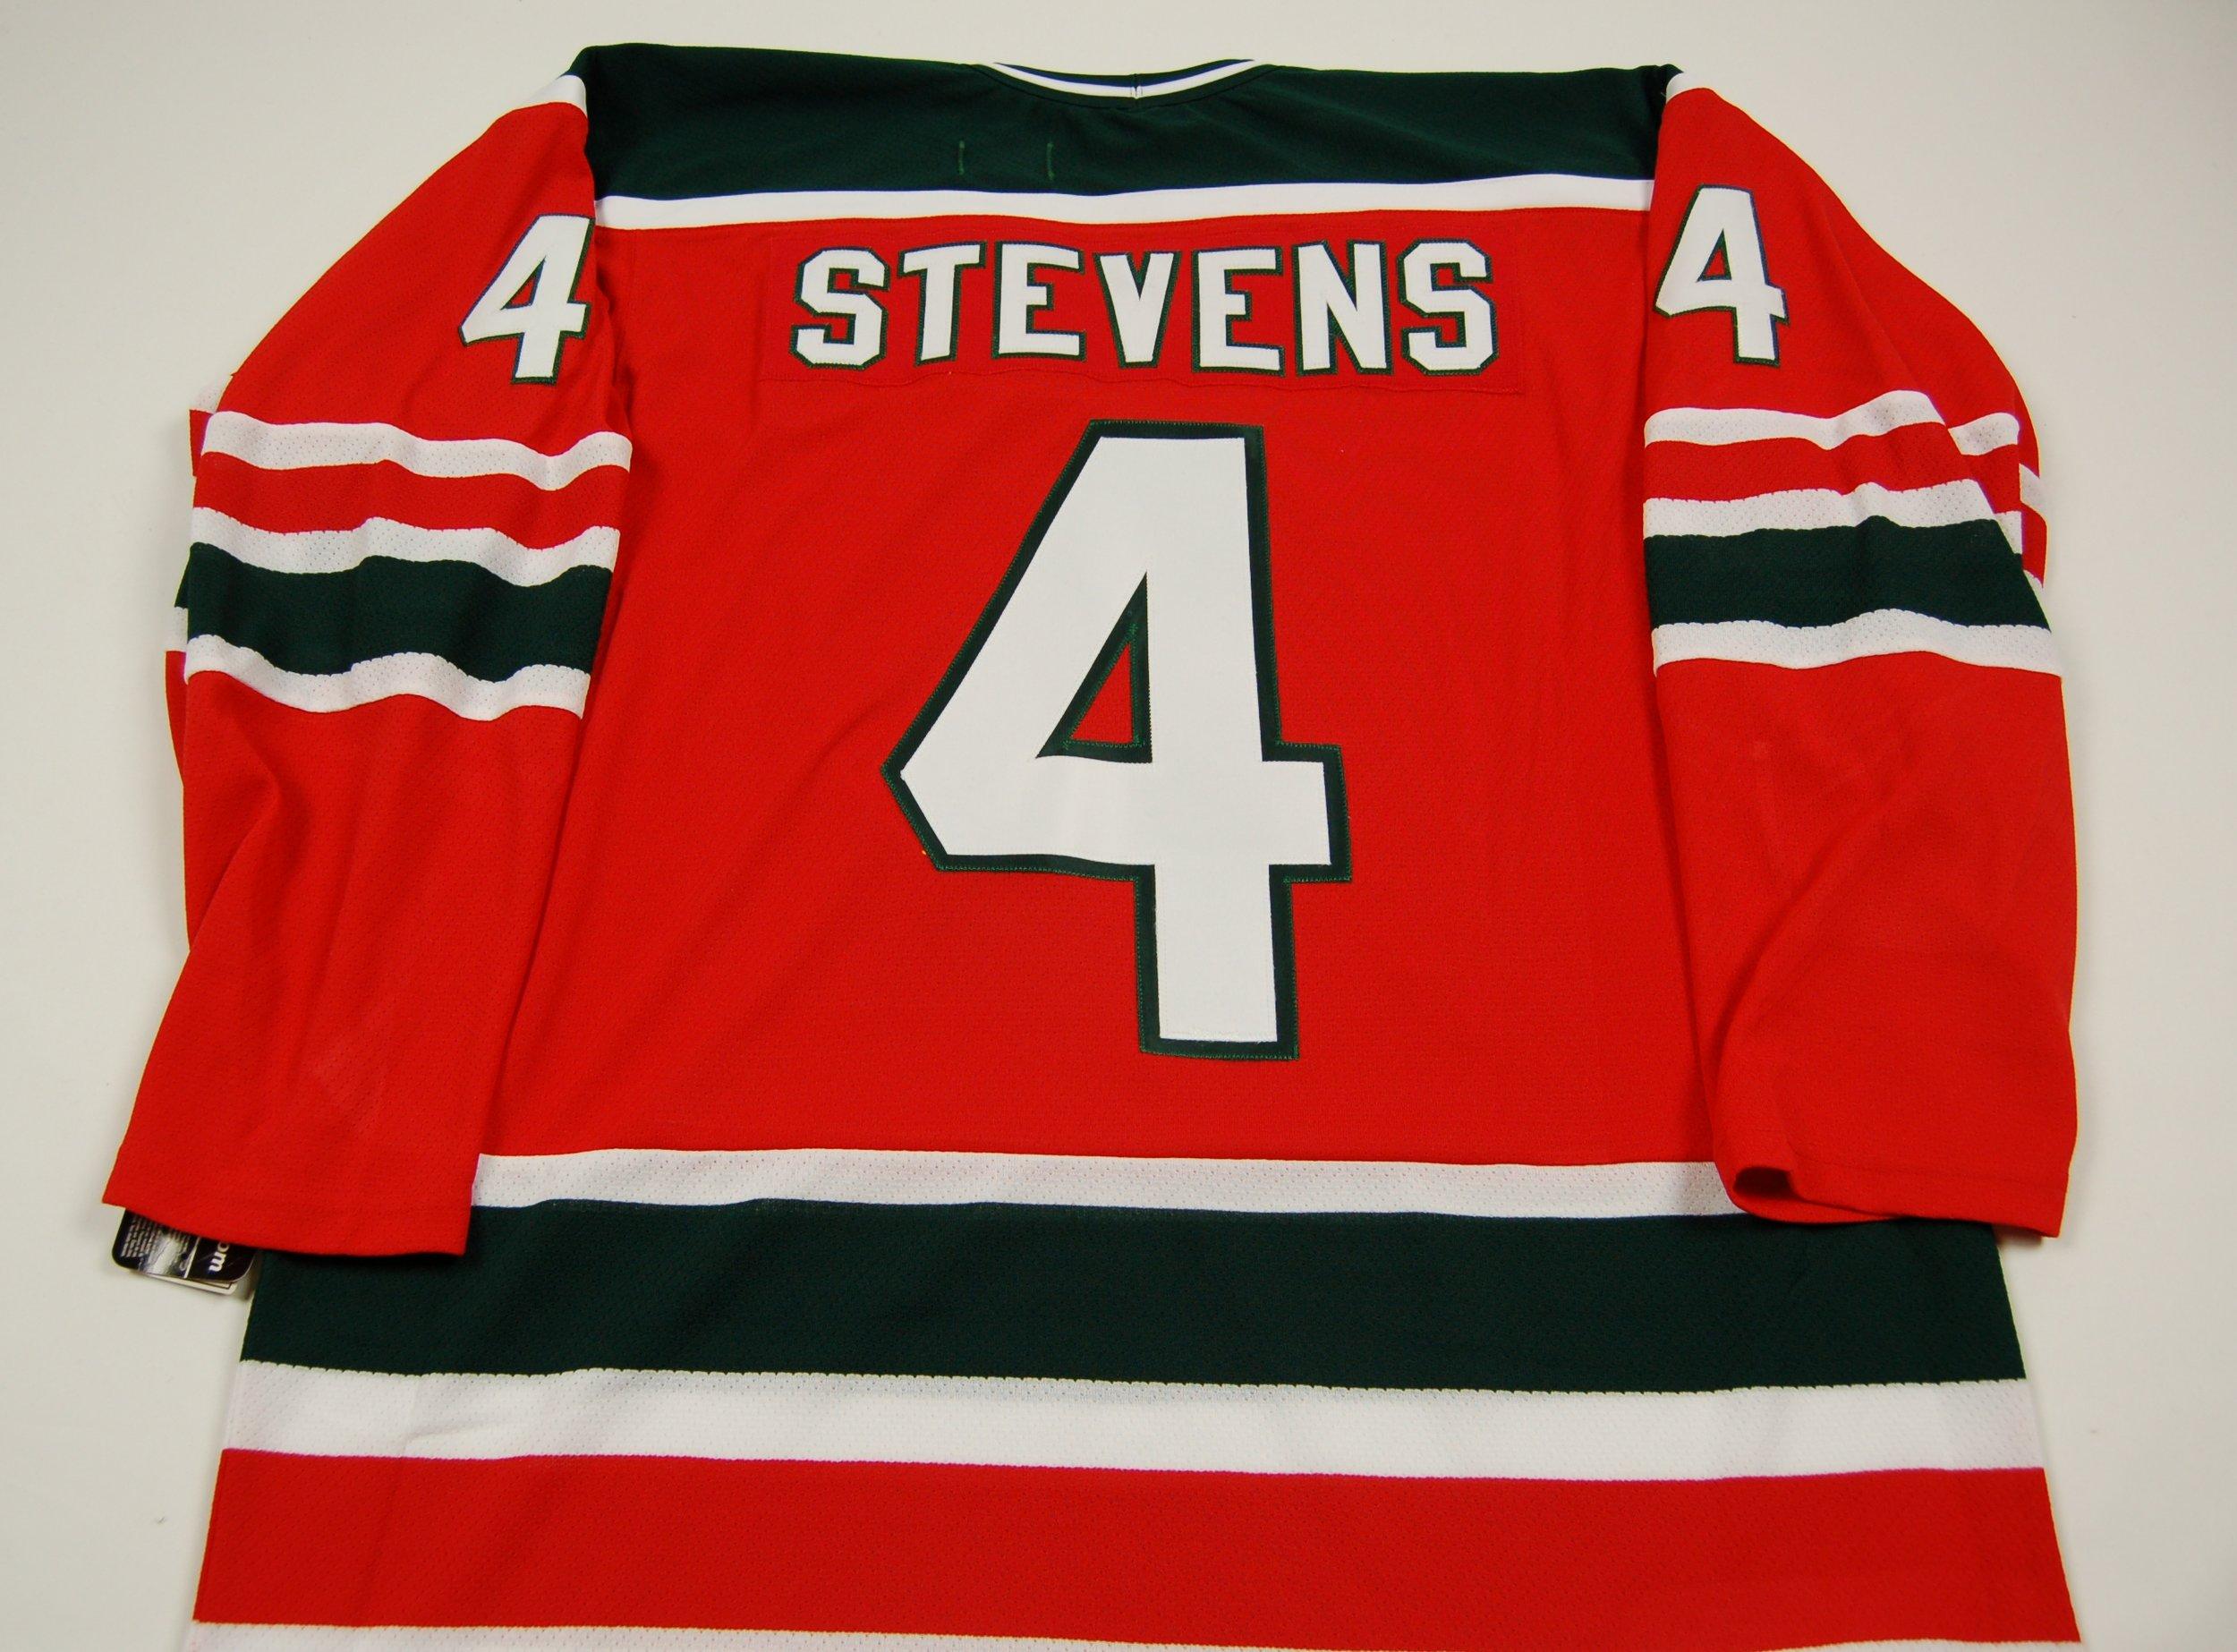 NJ Devils - STEVENS 4